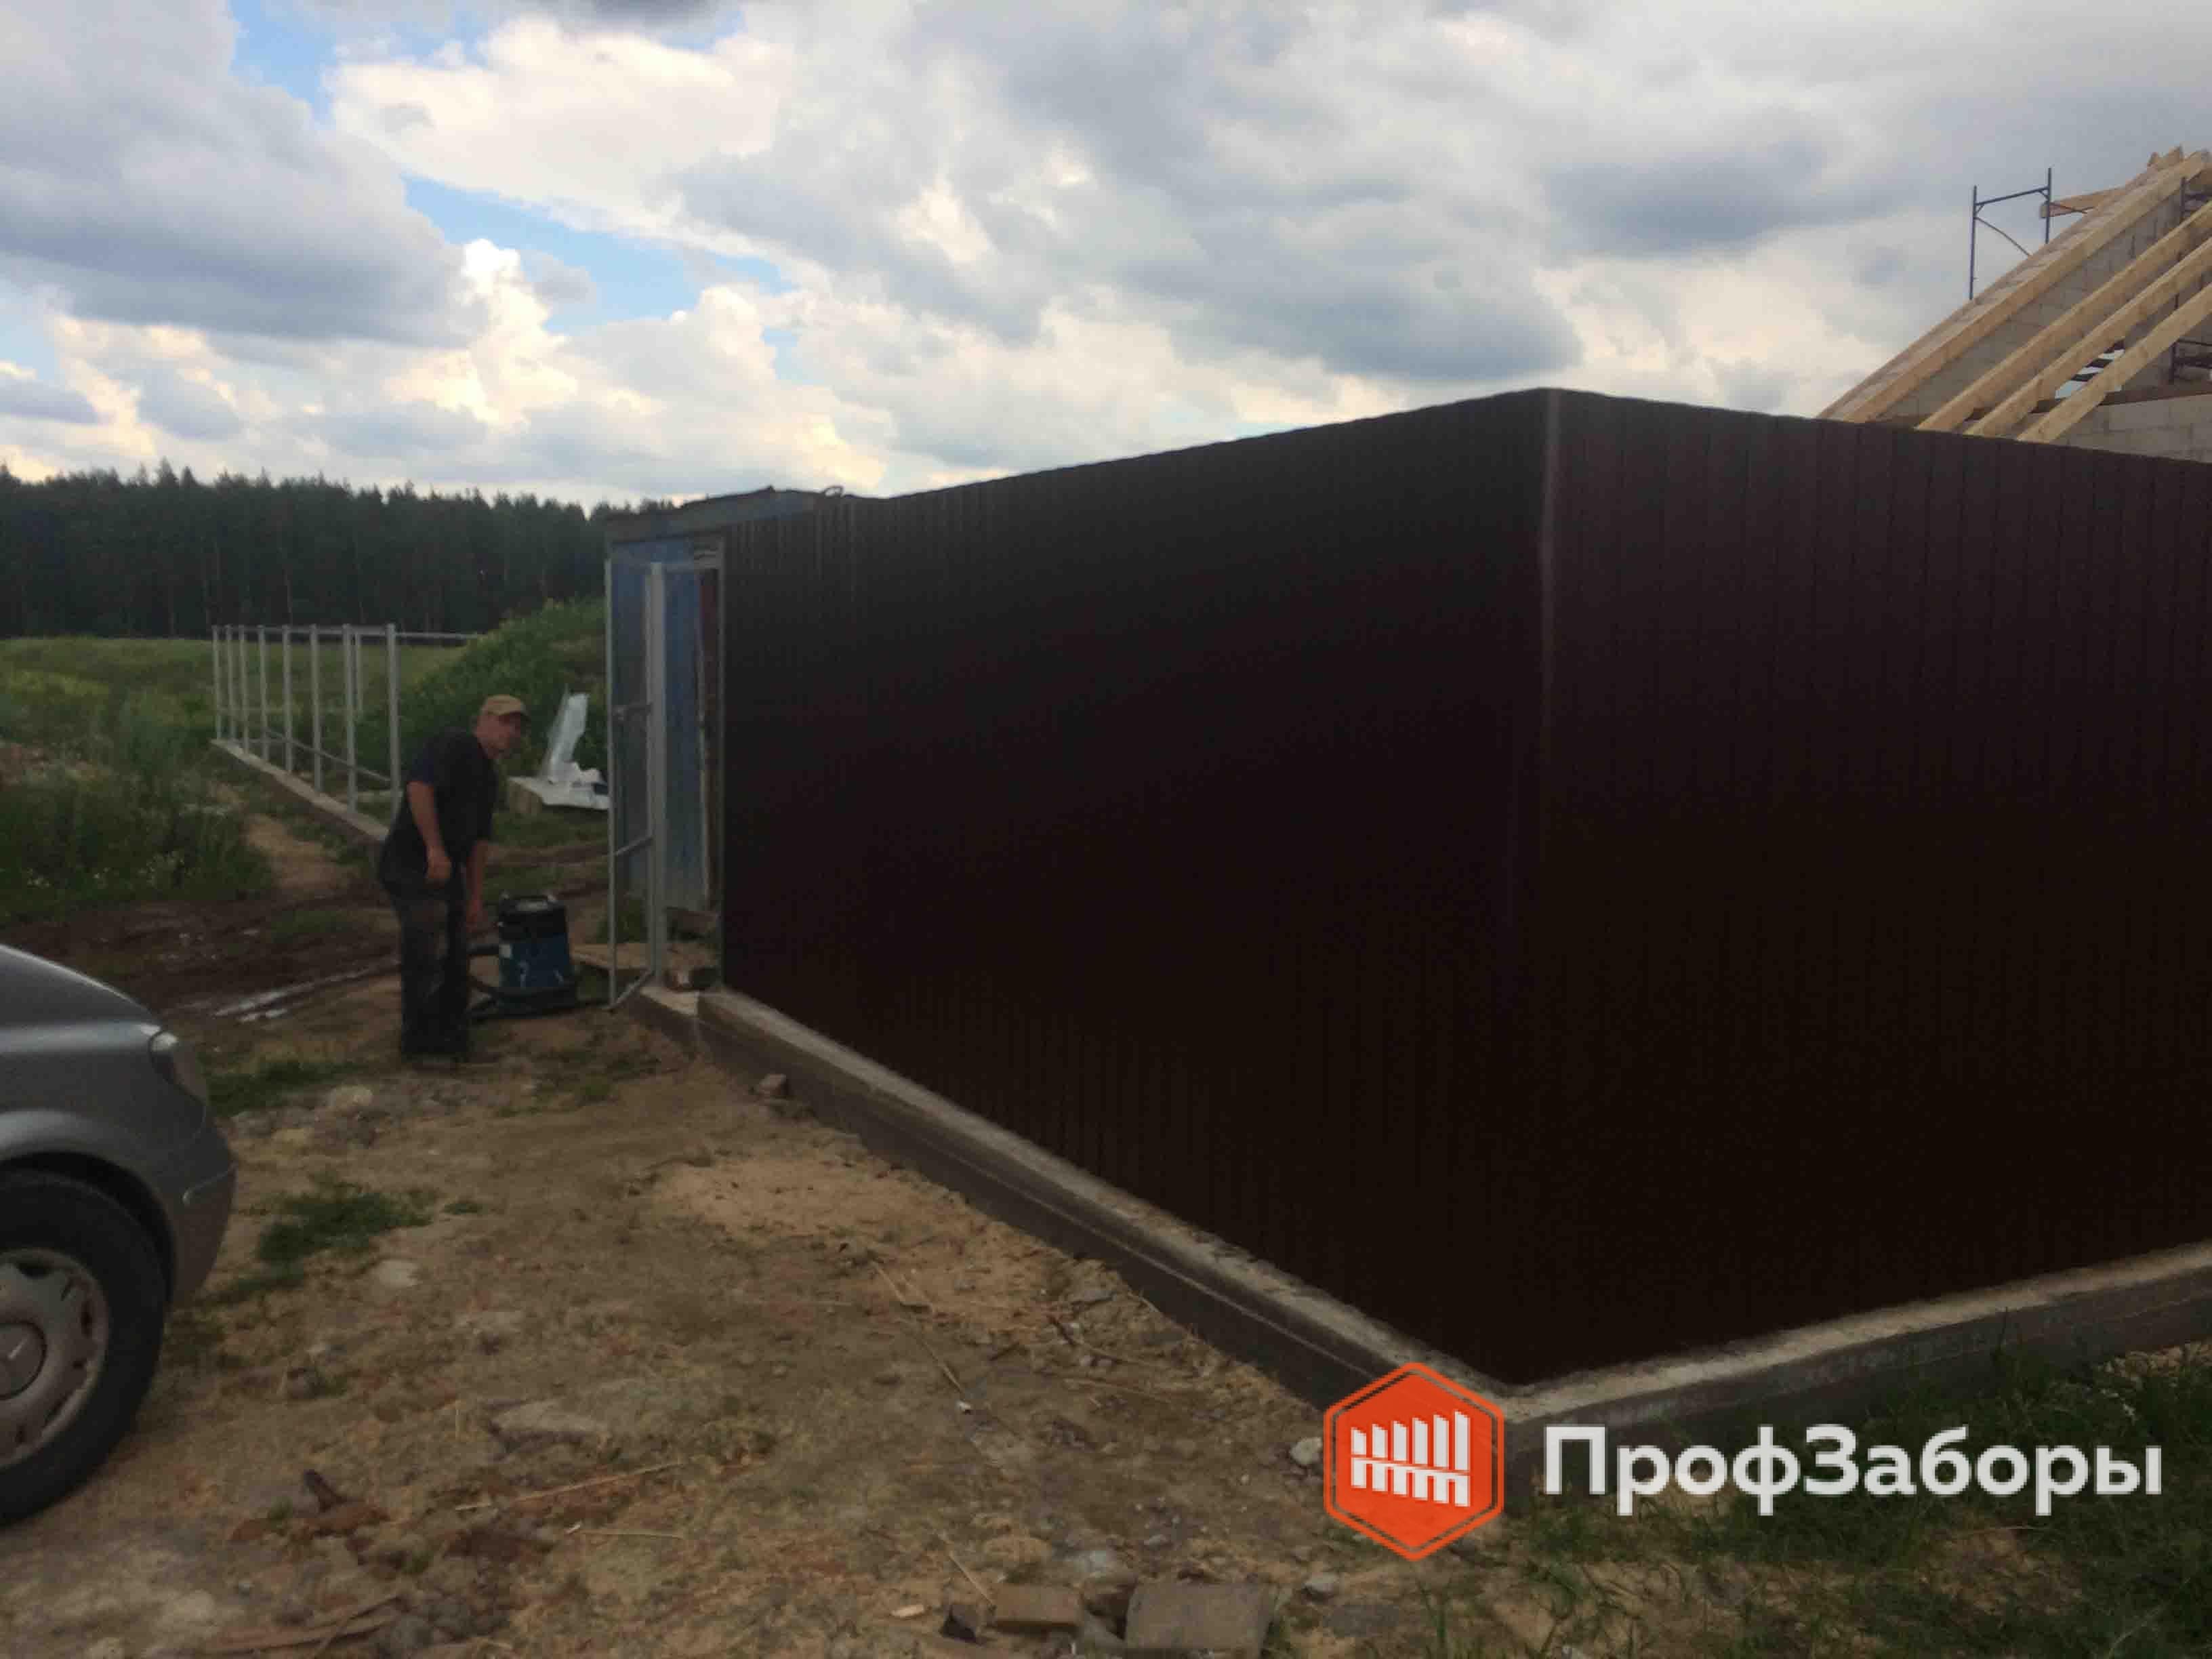 Заборы Из профнастила  - Ивановская область. Фото 2